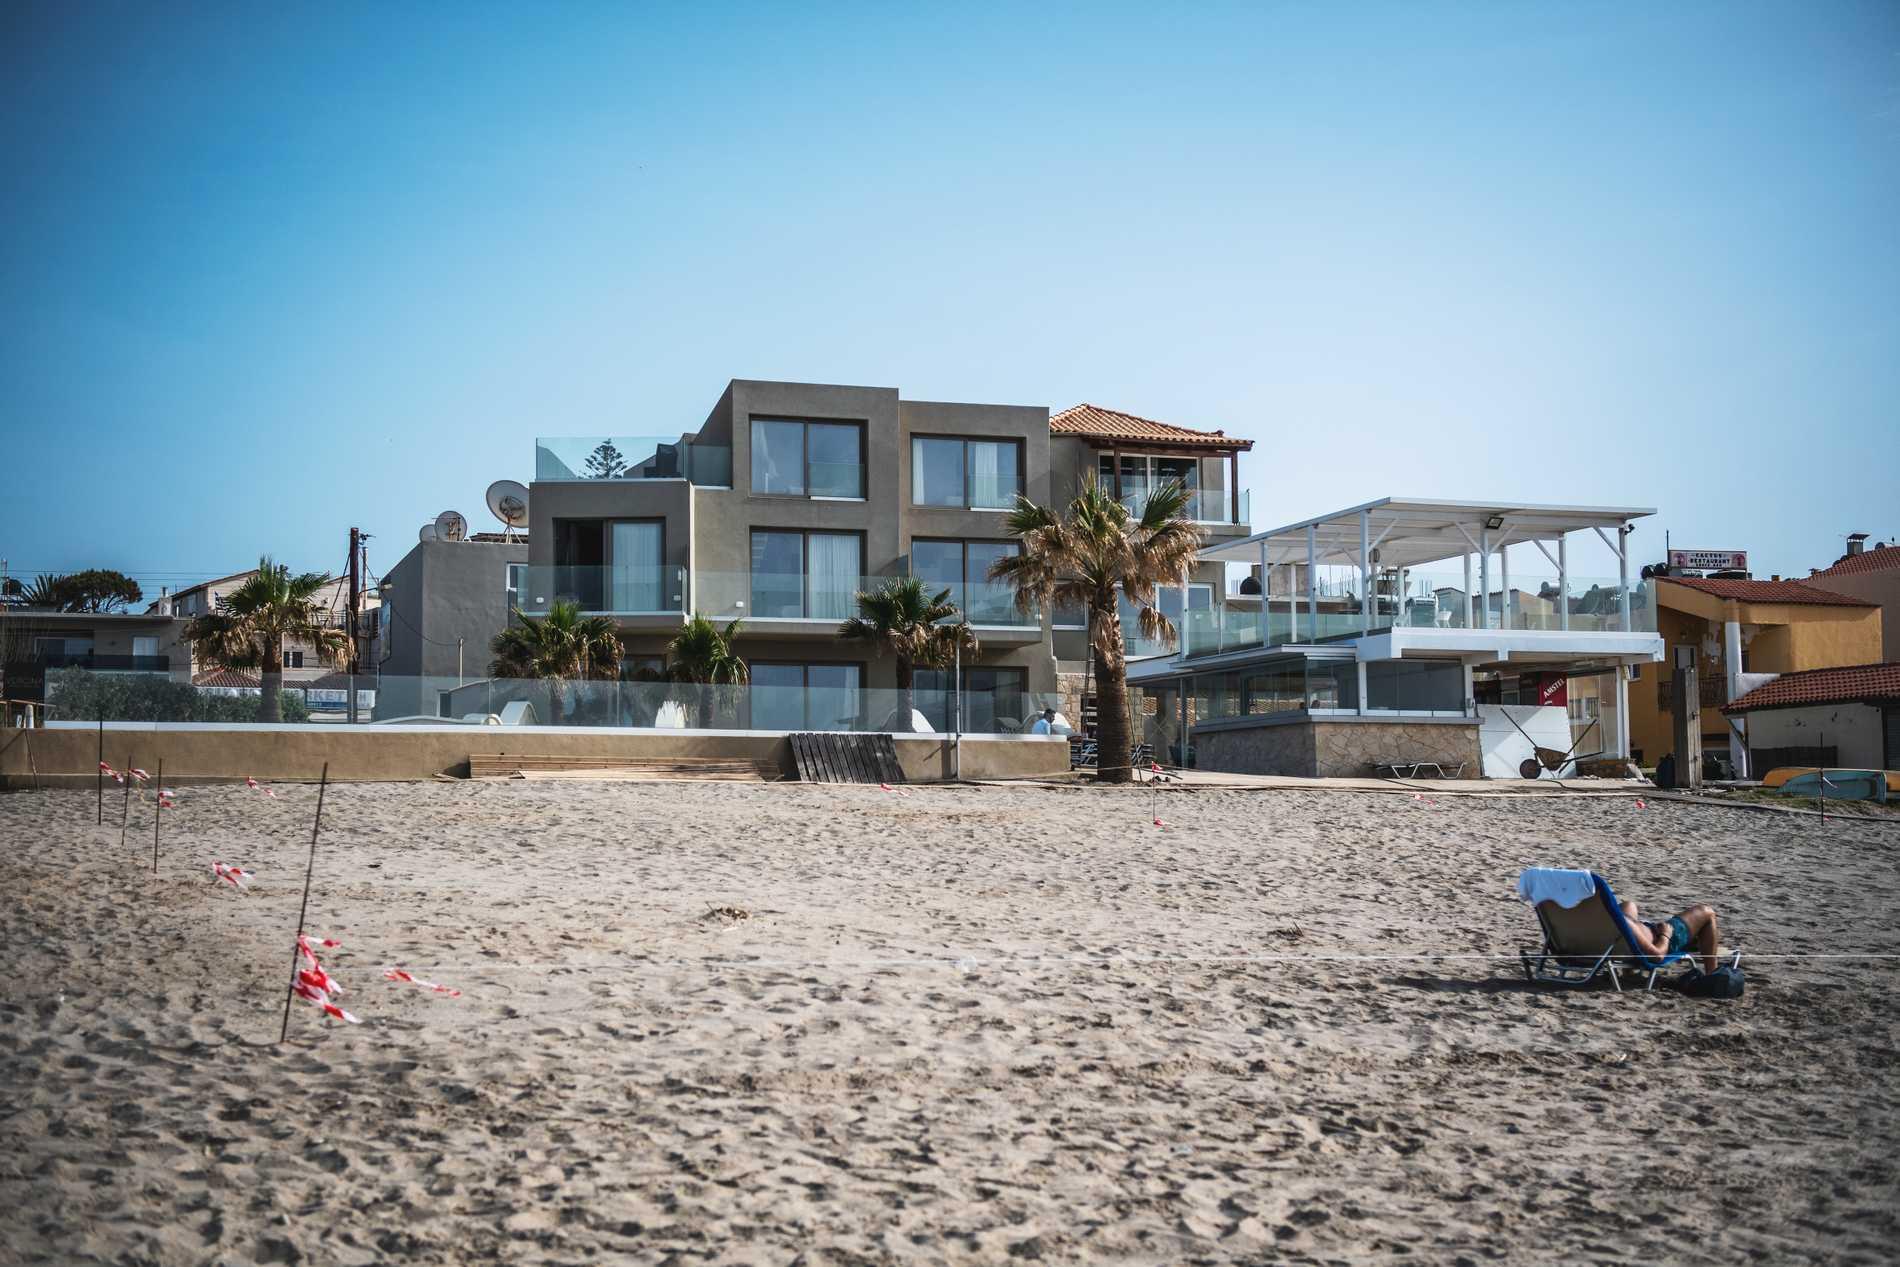 Stranden brukar vara helt full såhär års, menar Giorgos. Nu är den nästan helt tom.